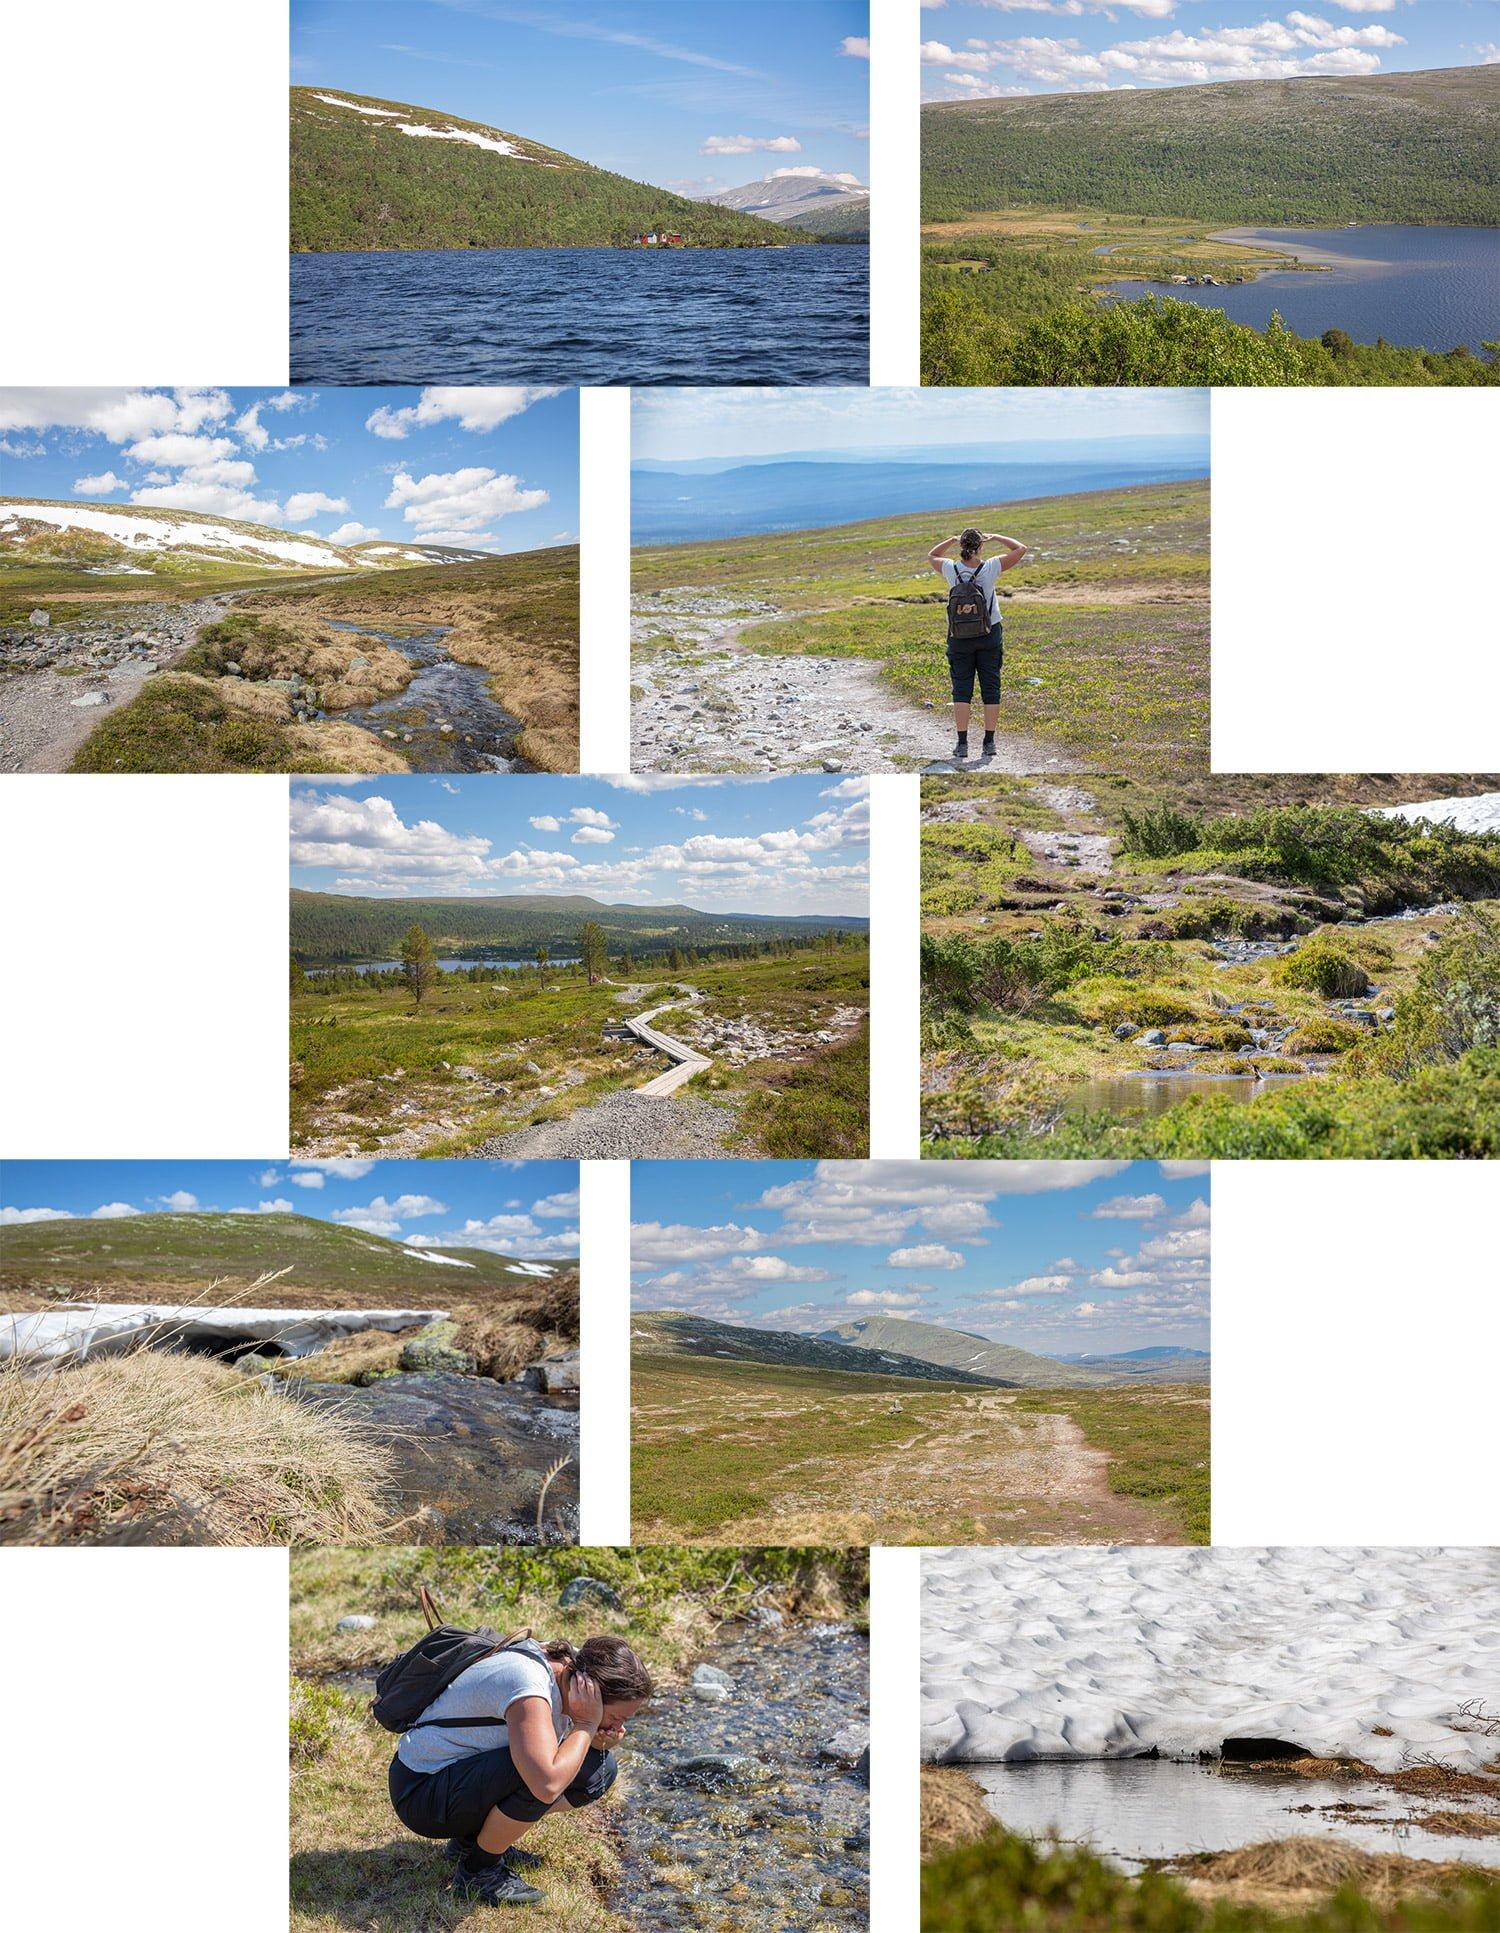 Sylen-Dalarna-Sweden Collage